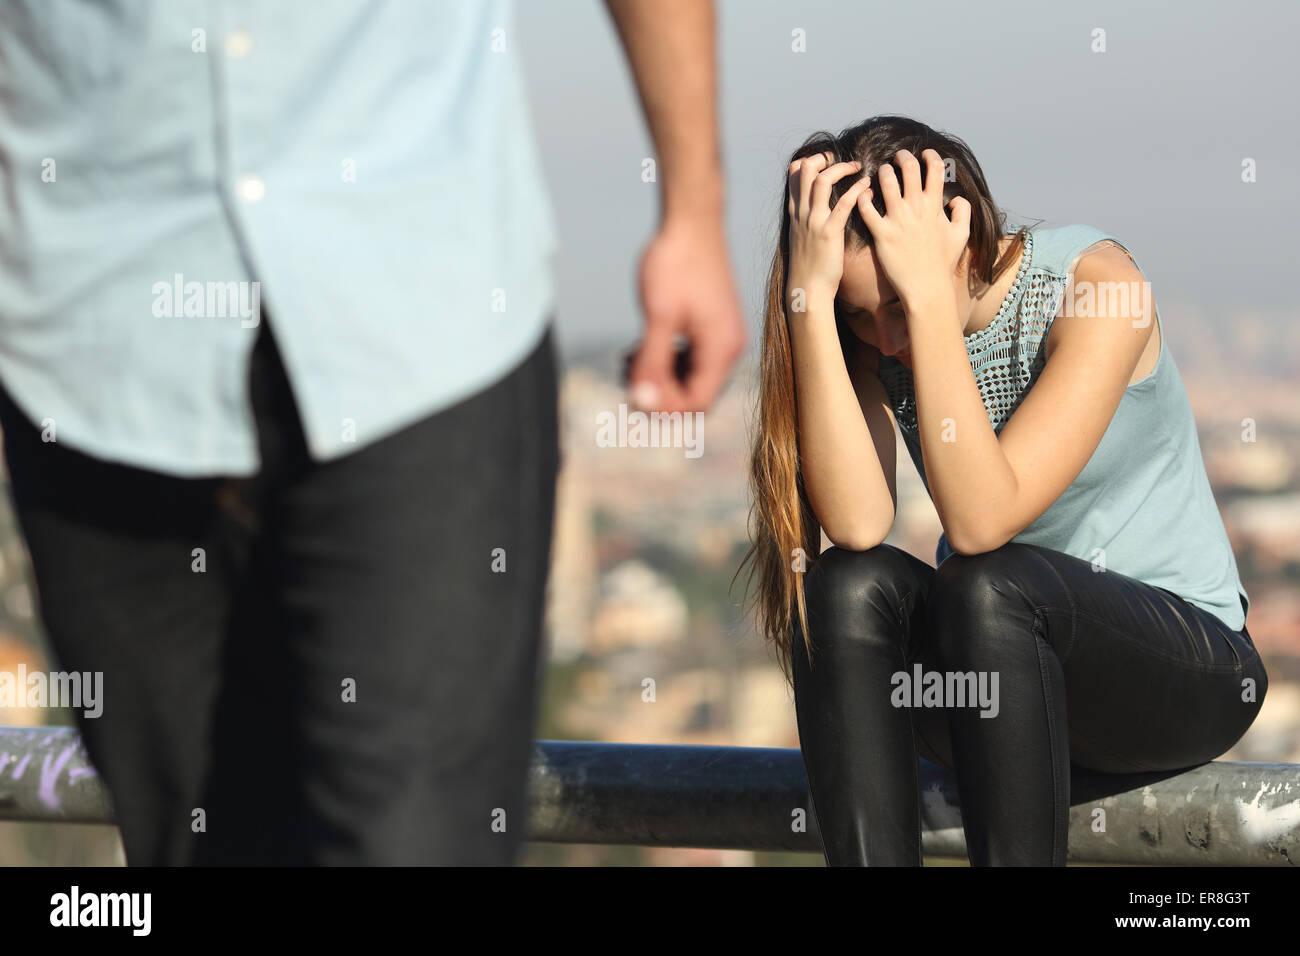 Scioglimento di un giovane con cattivo ragazzo e ragazza triste con una città in background Immagini Stock